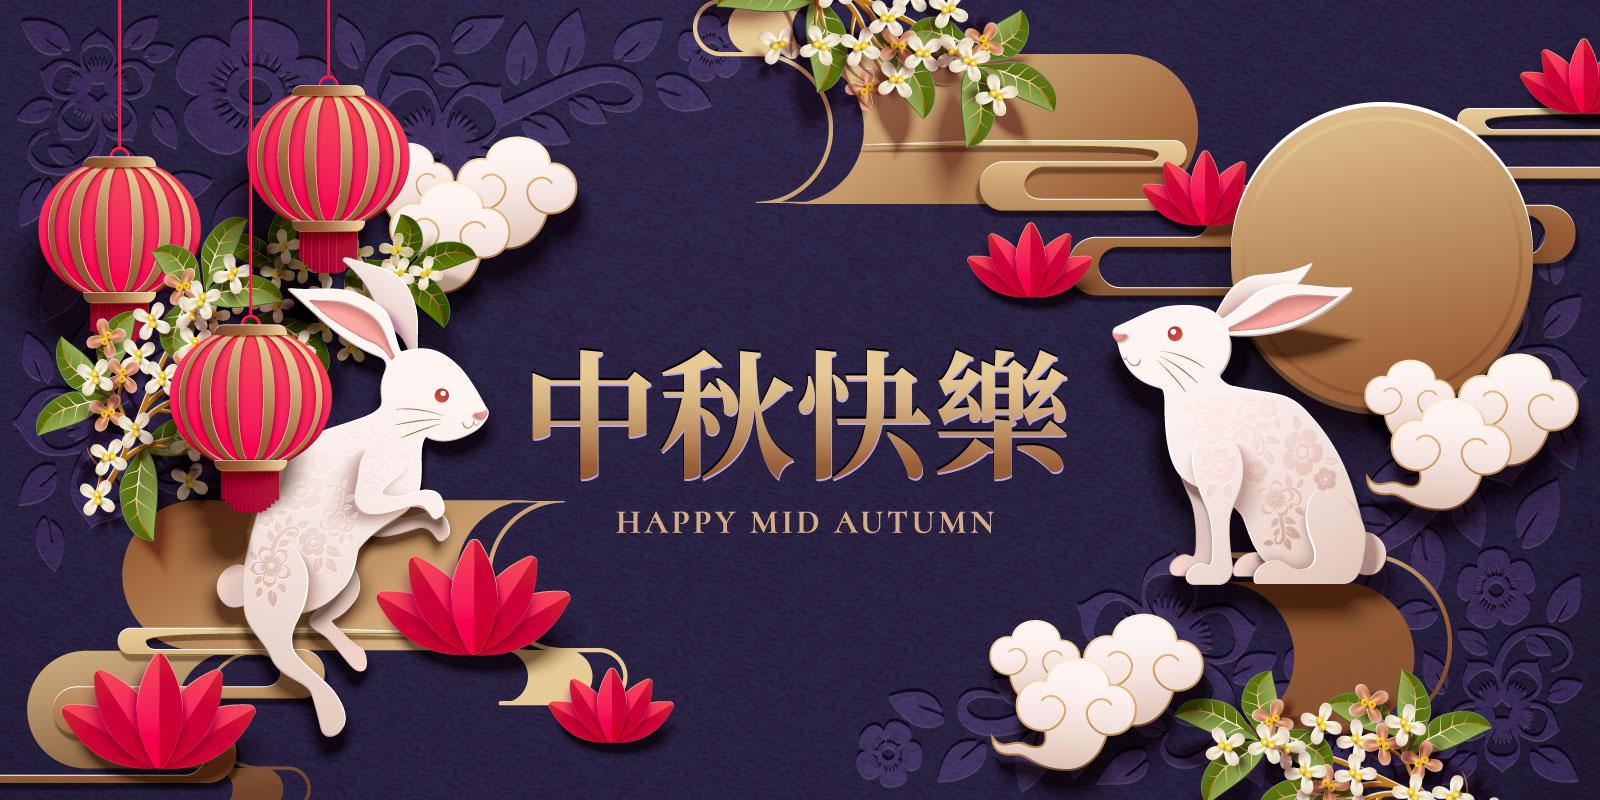 38款中国风中秋节主视觉海报插画AI广告设计素材源文件 Mid Autumn Festival Vector Pattern插图(6)